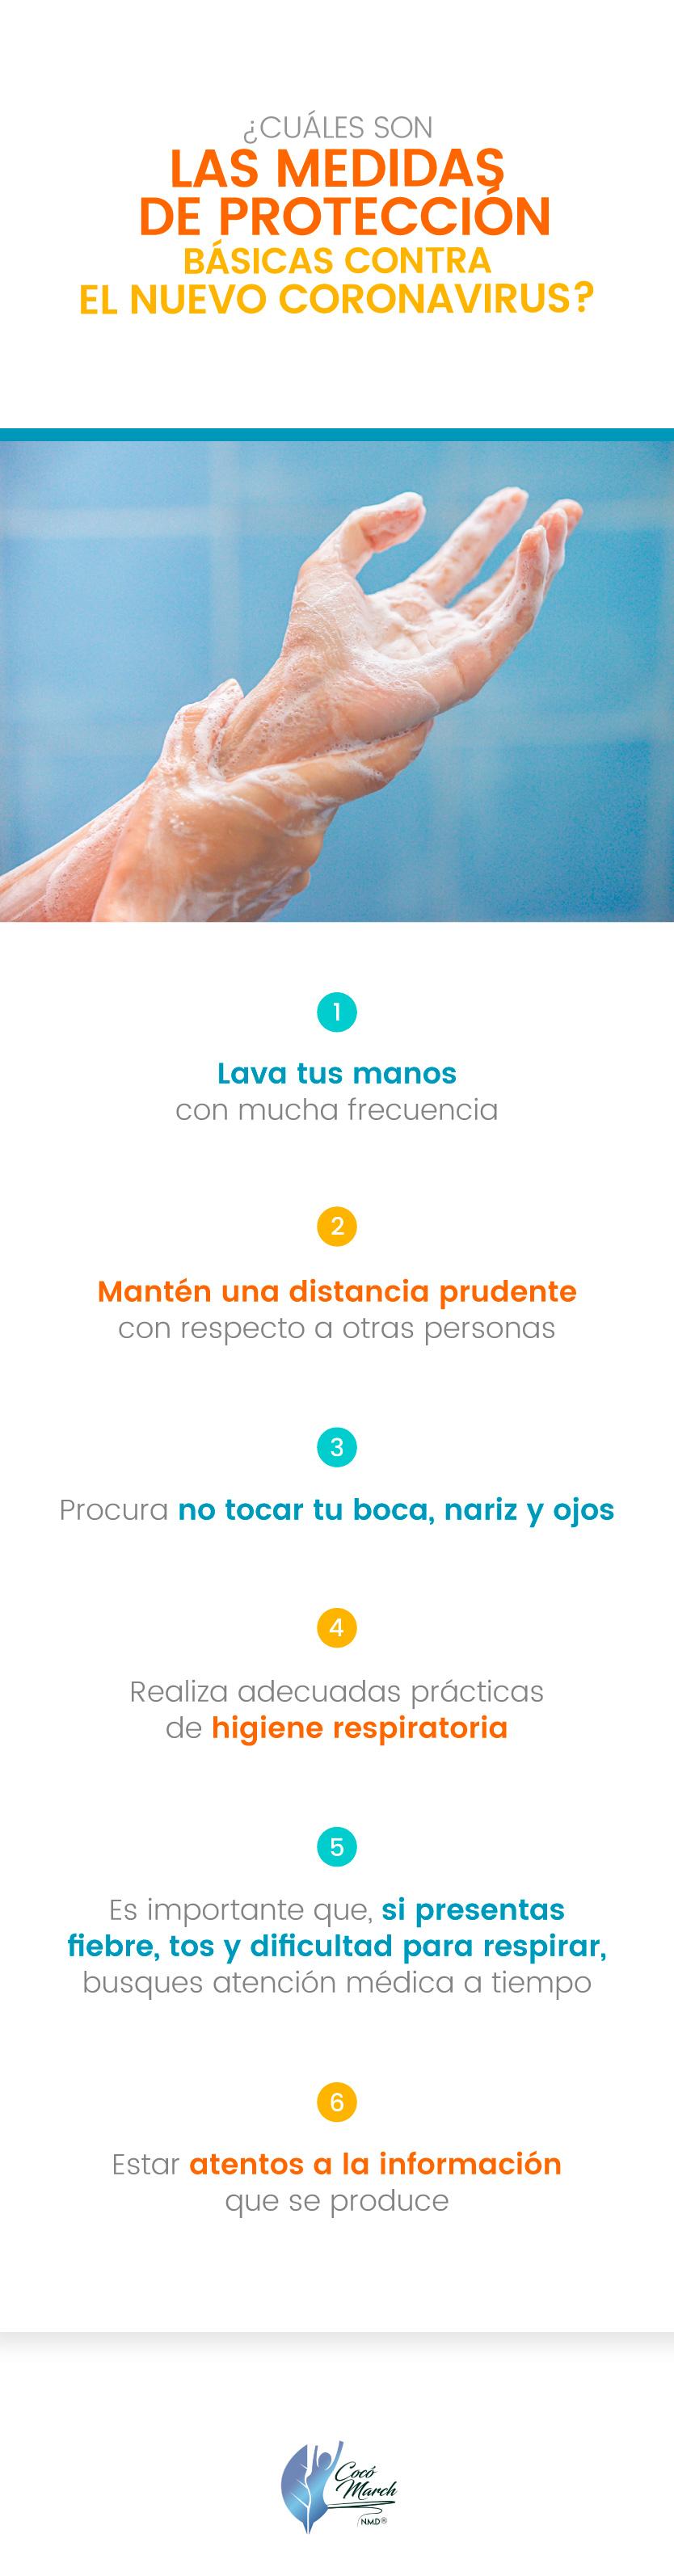 medidas-de-proteccion-basica-del-coronavirus